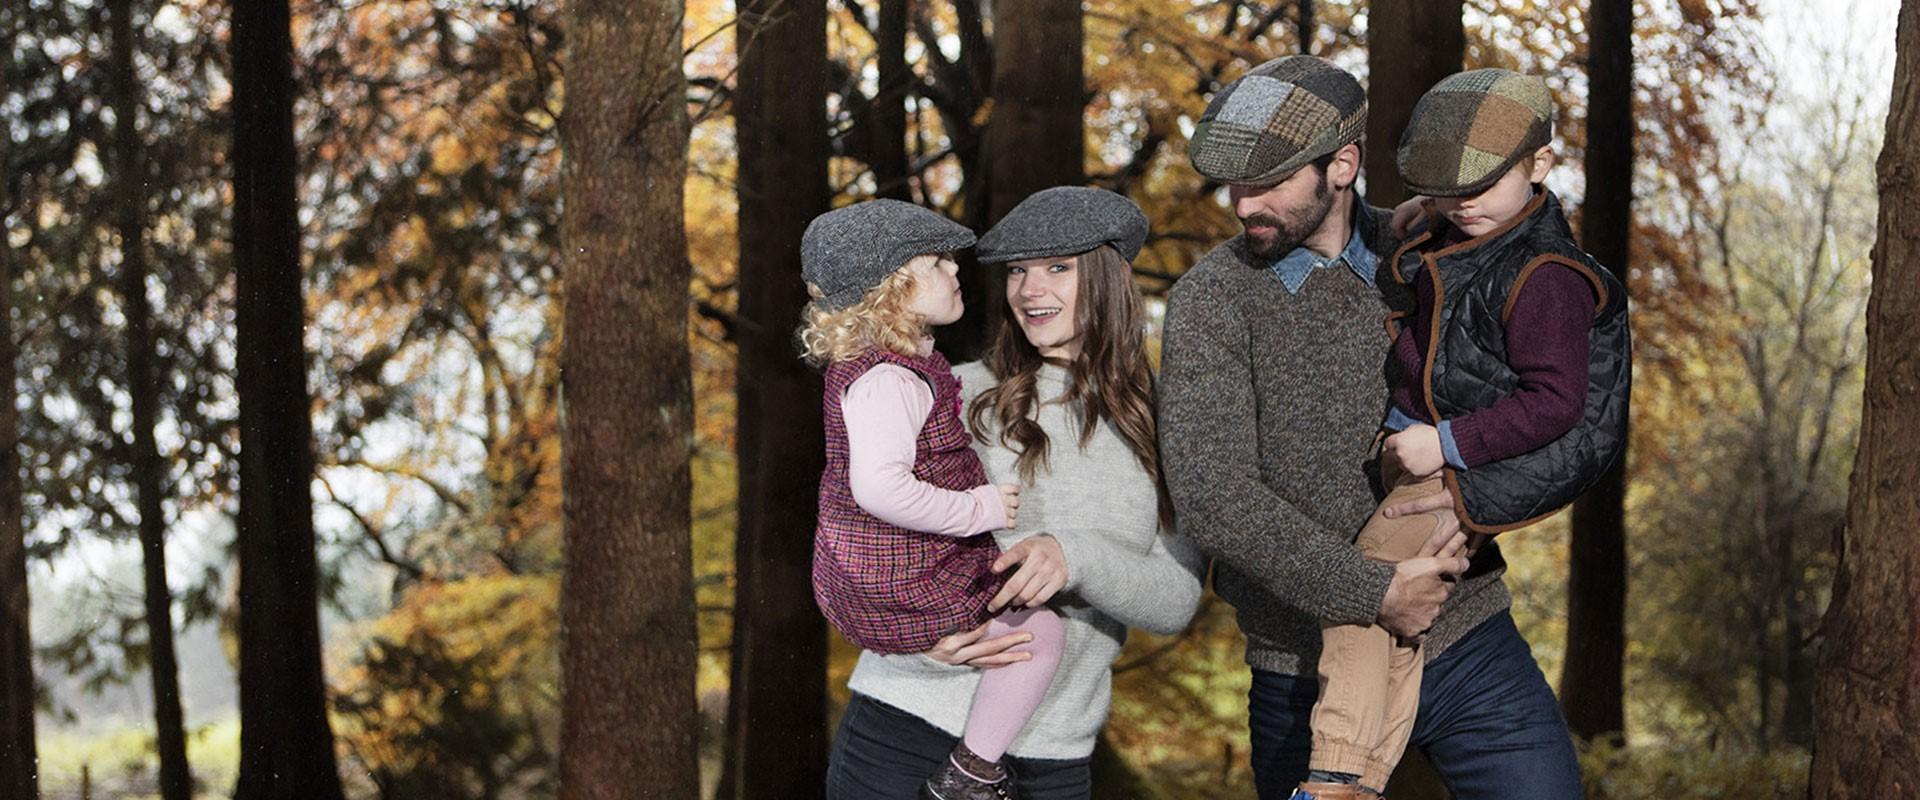 Irish Hanna Hats from shootipperary.com